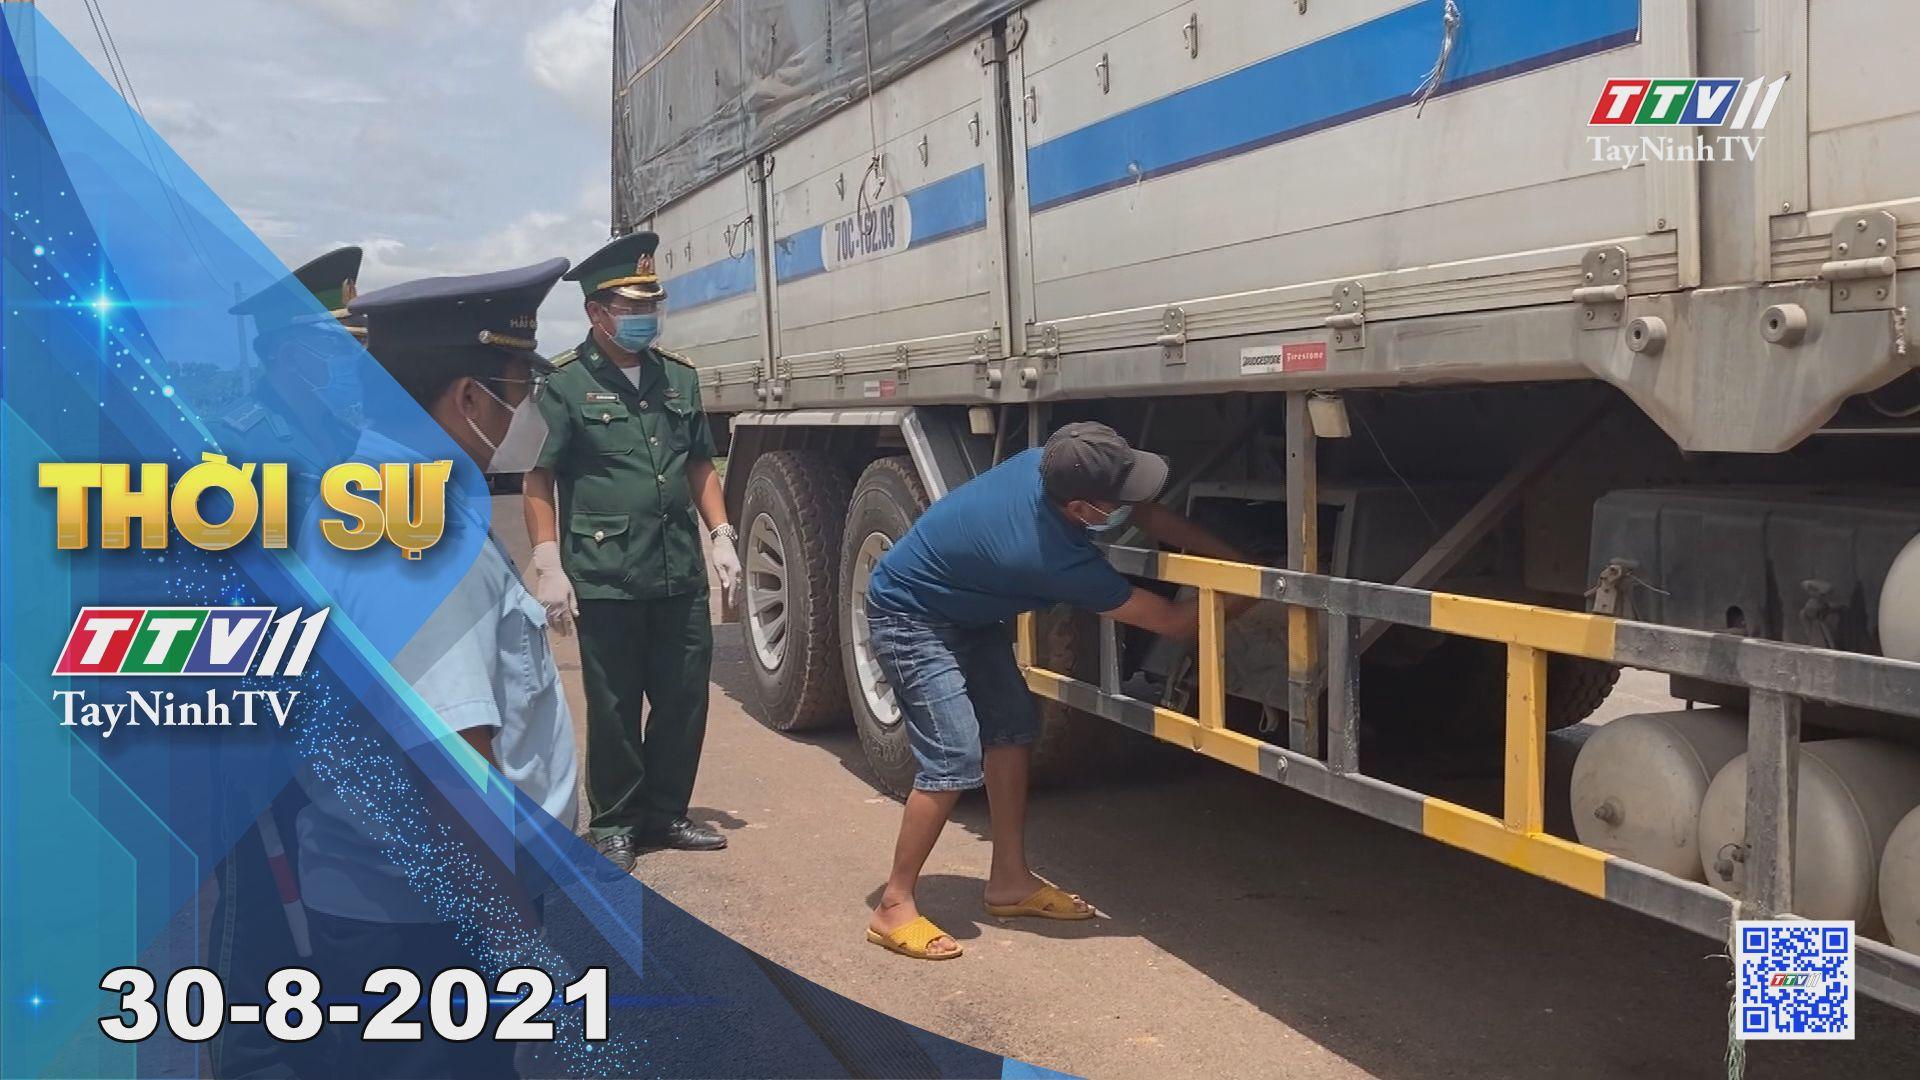 Thời sự Tây Ninh 30-8-2021 | Tin tức hôm nay | TayNinhTV